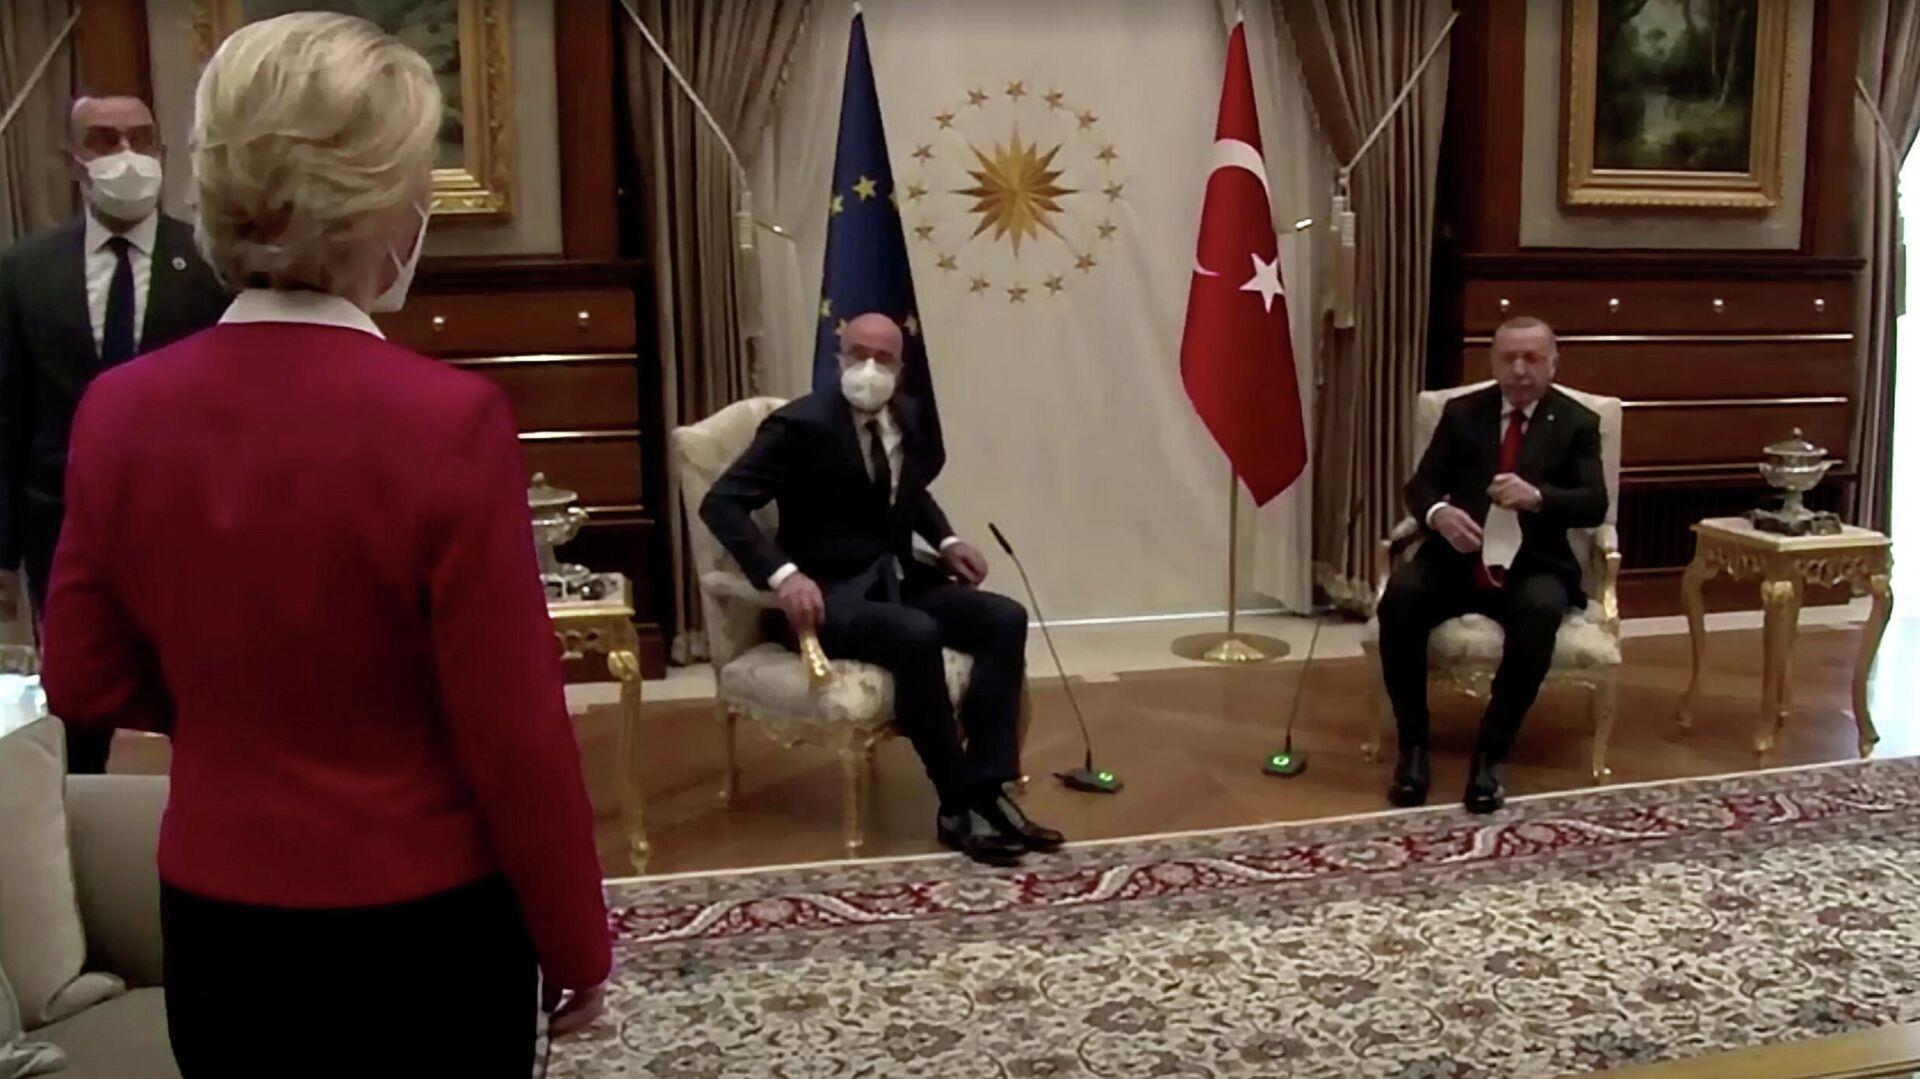 Президент Еврокомиссии Урсула фон дер Ляйен смотрит как президент Турции Реджеп Тайип Эрдоган и глава Евросовета Шарль Мишель занимают свои места  - РИА Новости, 1920, 06.05.2021